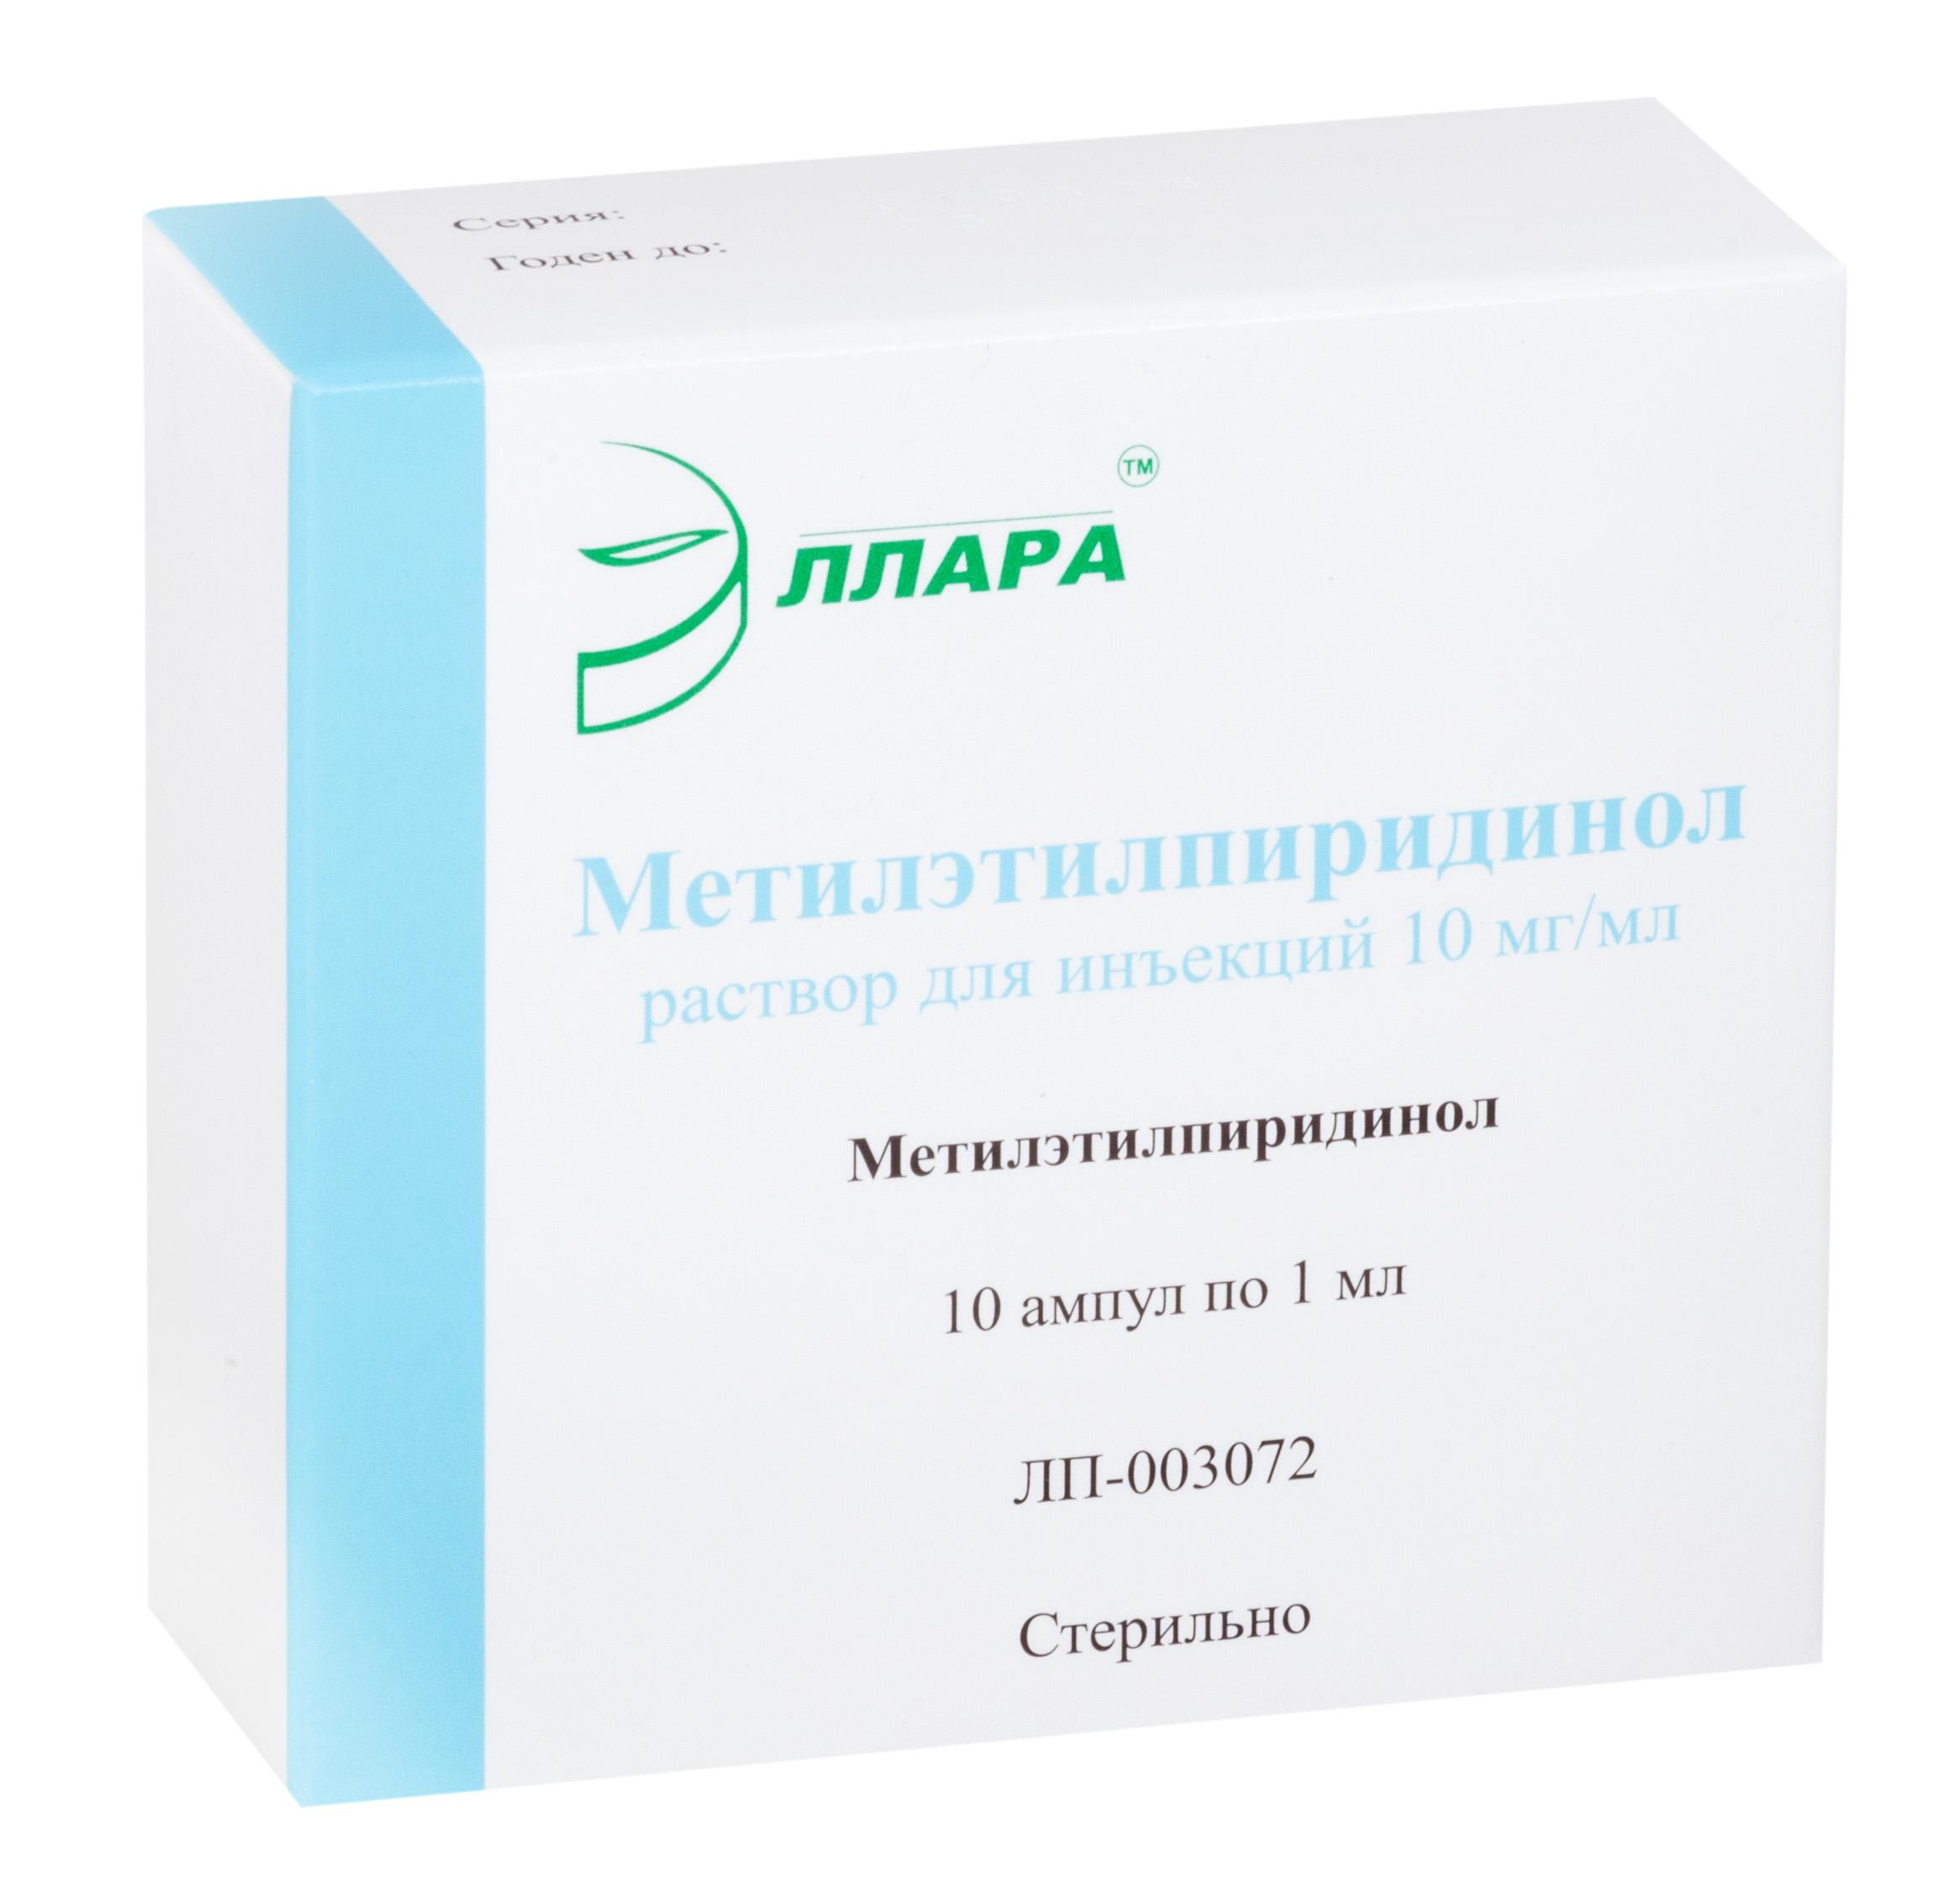 Метилэтилпиридинол р-р д/ин. 10мг/мл амп. 1мл №10 ЭЛЛАРА